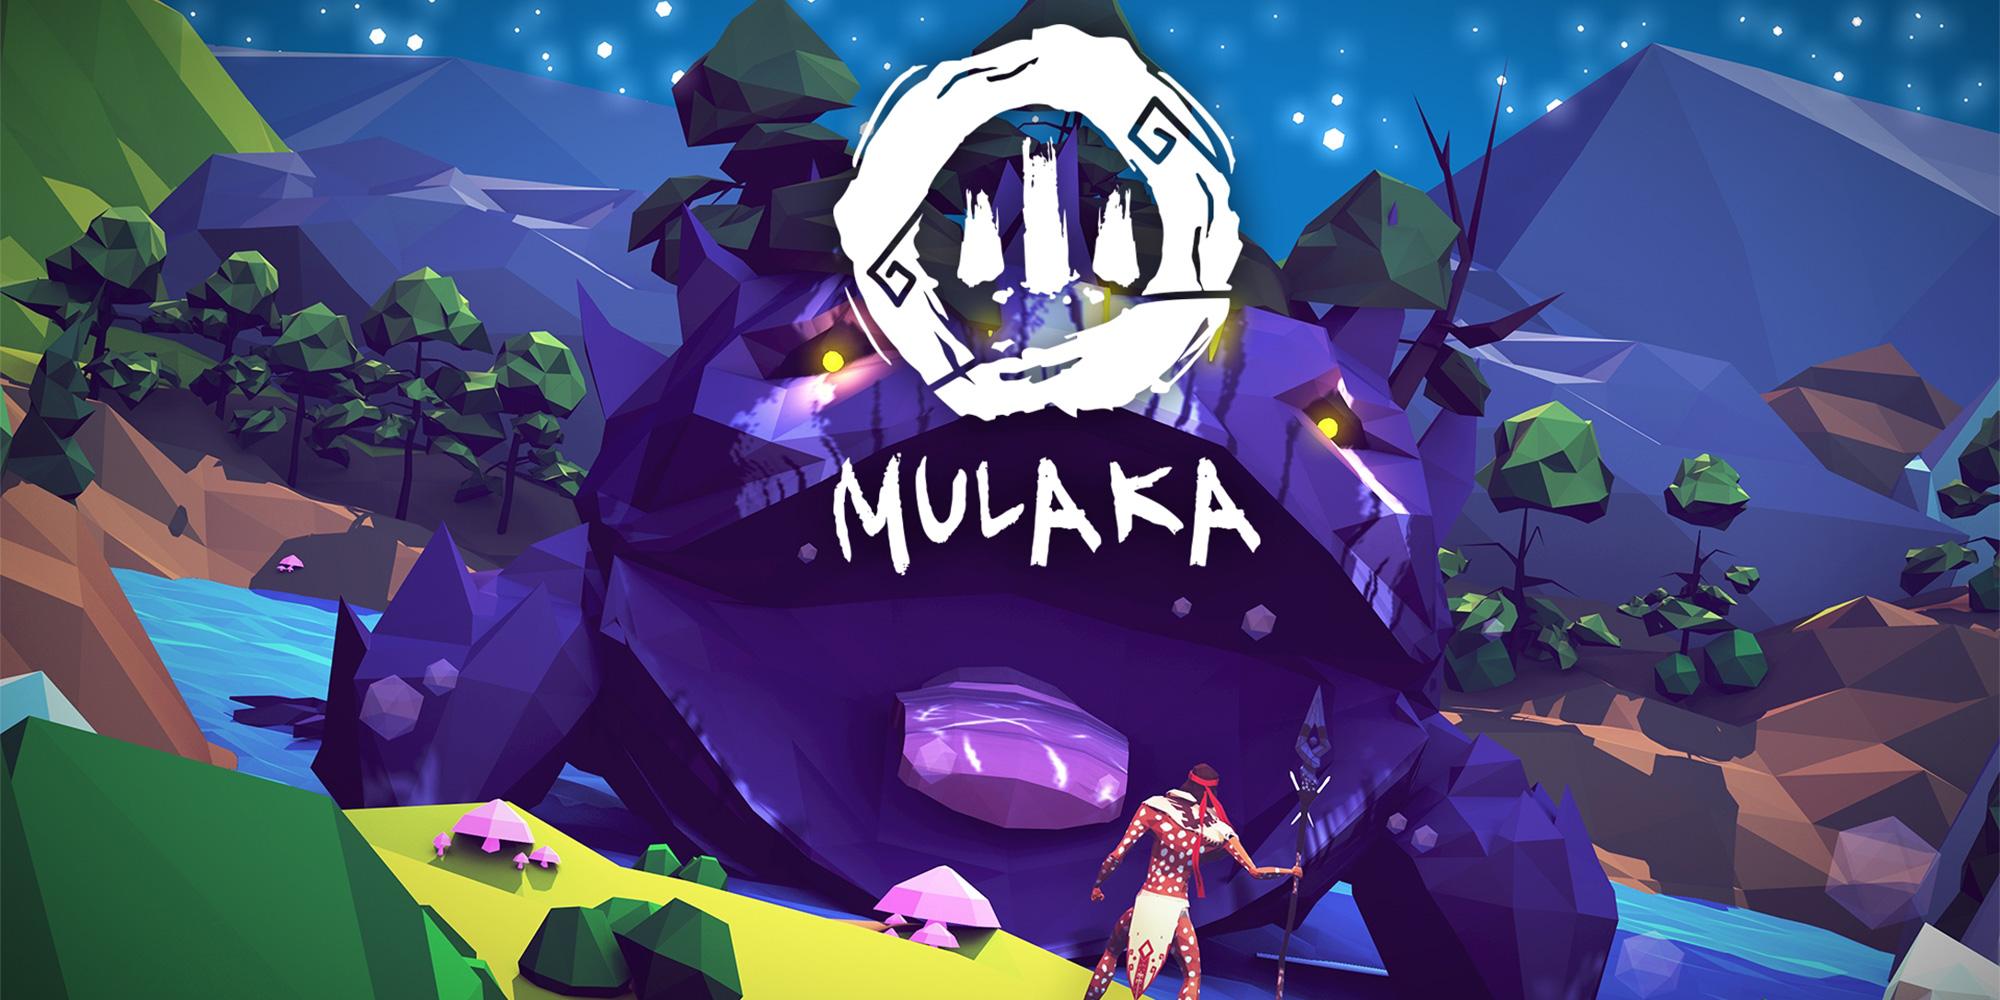 Mulaka | Aplicações de download da Nintendo Switch | Jogos | Nintendo